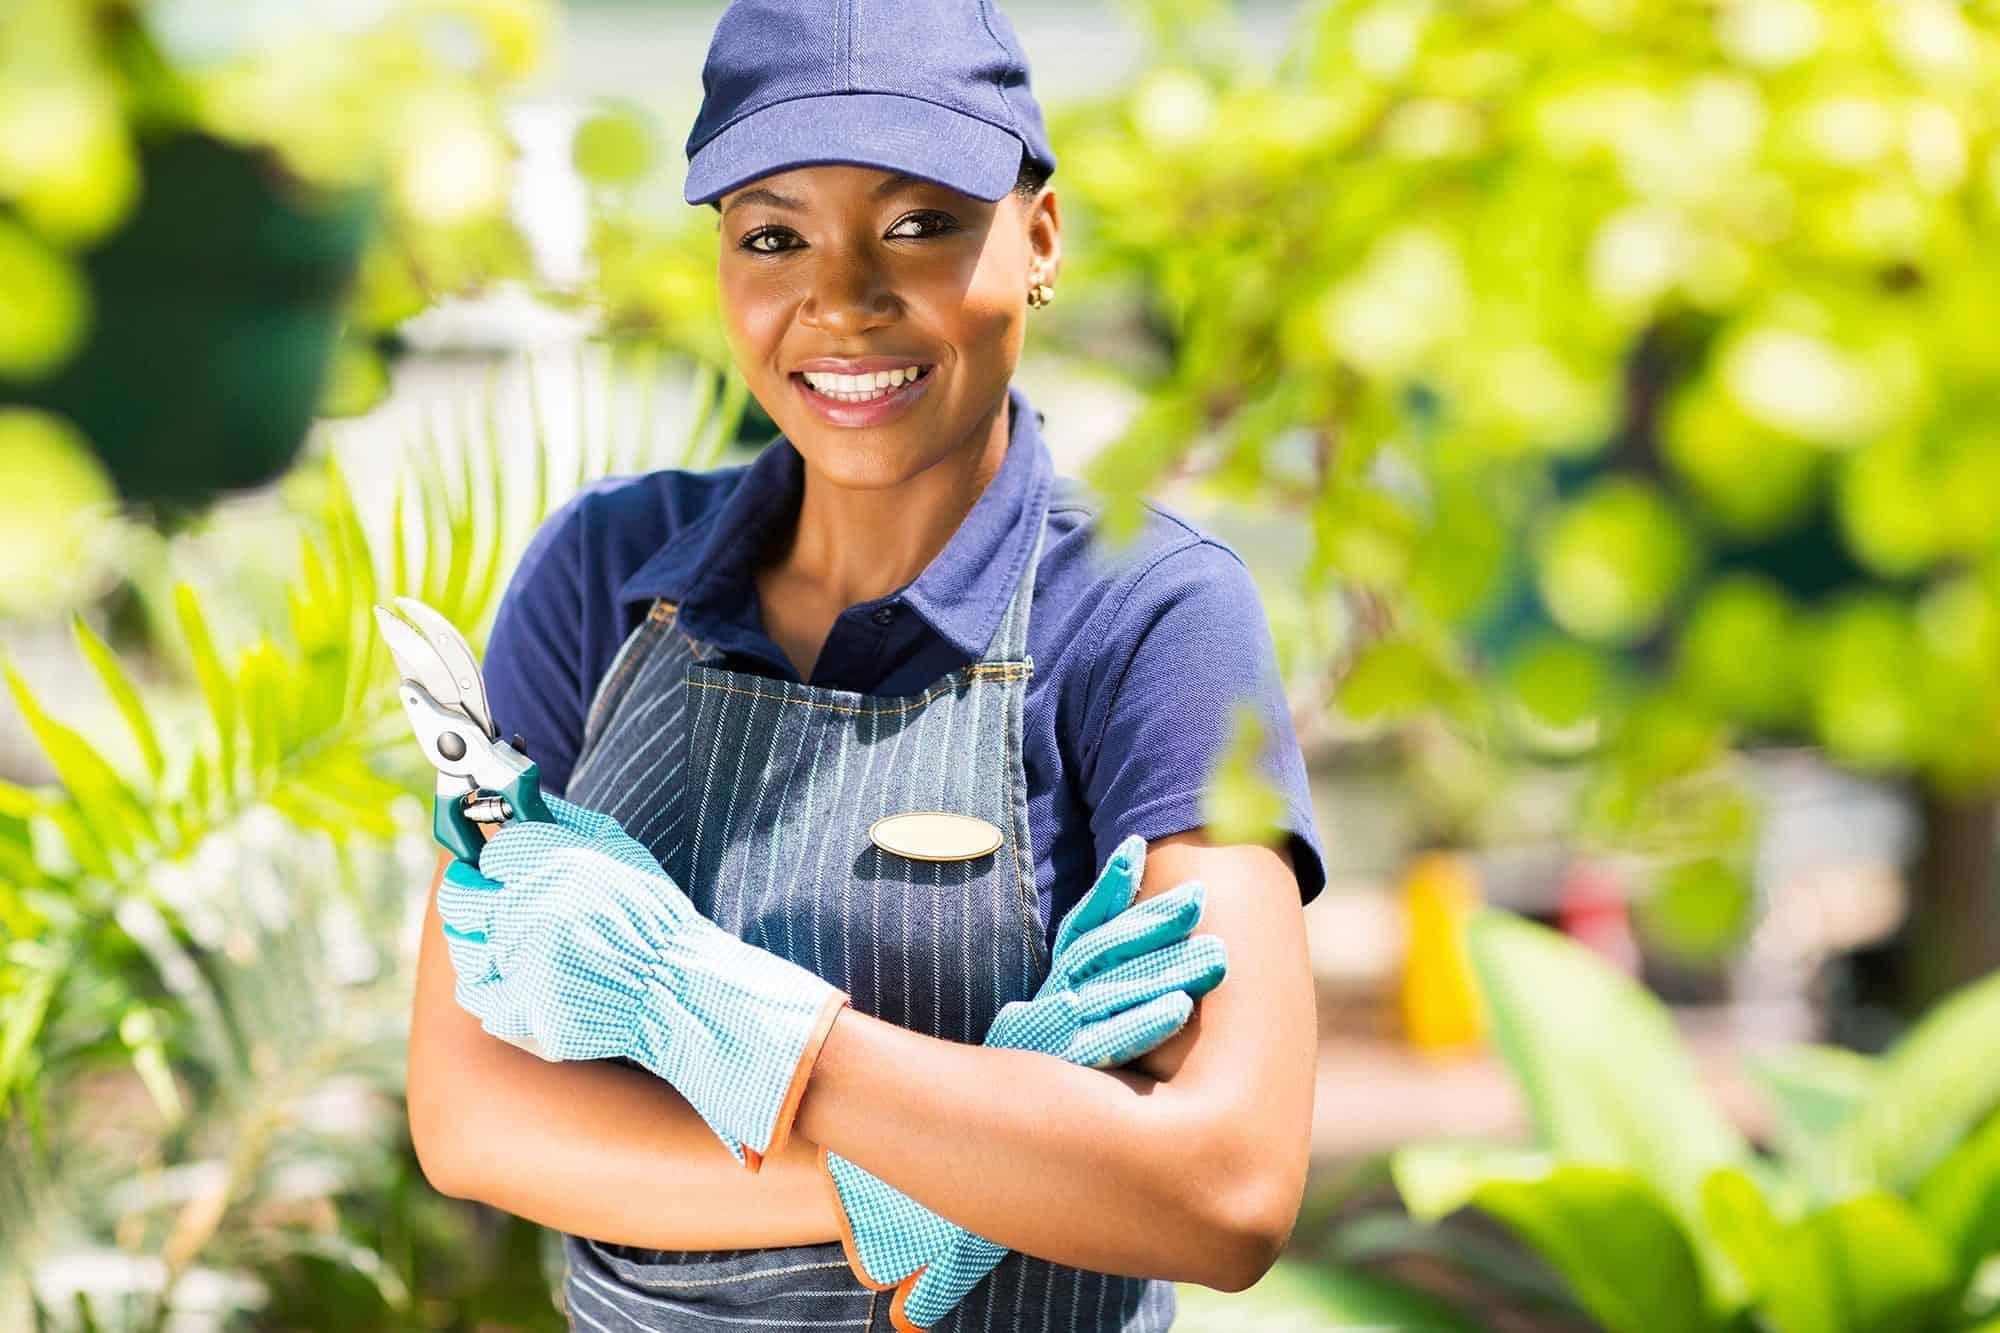 happy african nursery worker holding garden tool